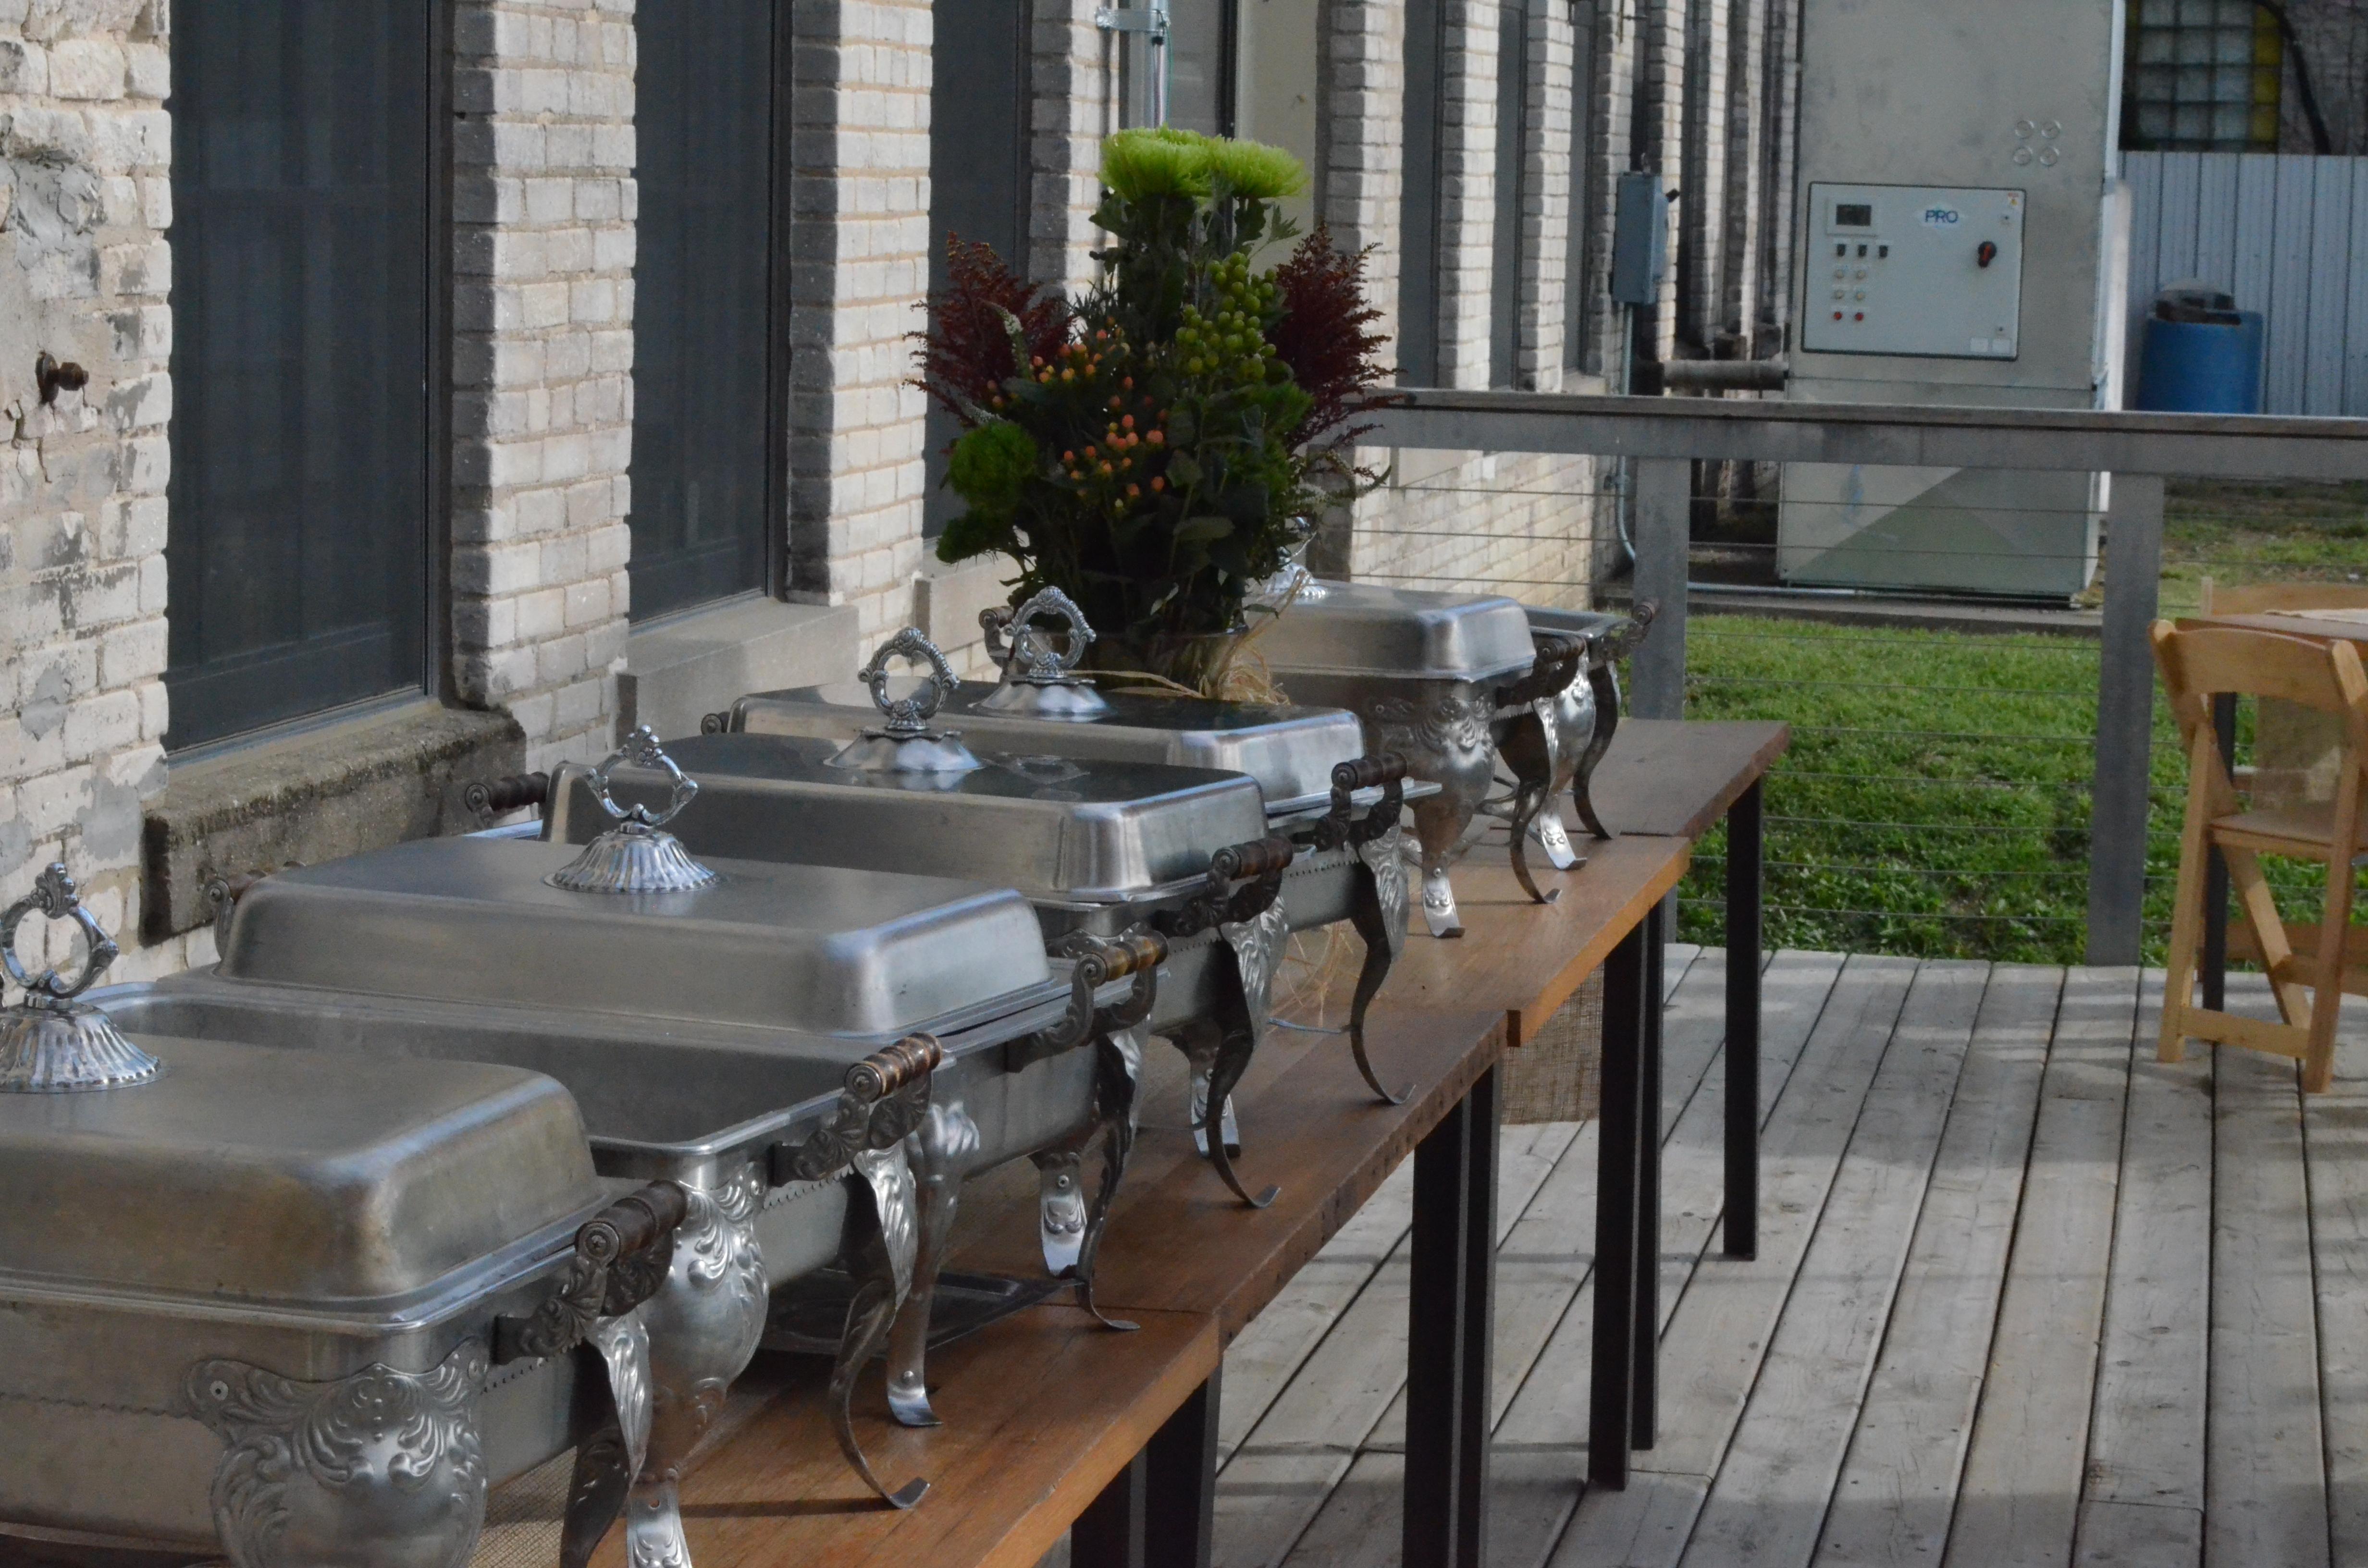 Buffet set on porch